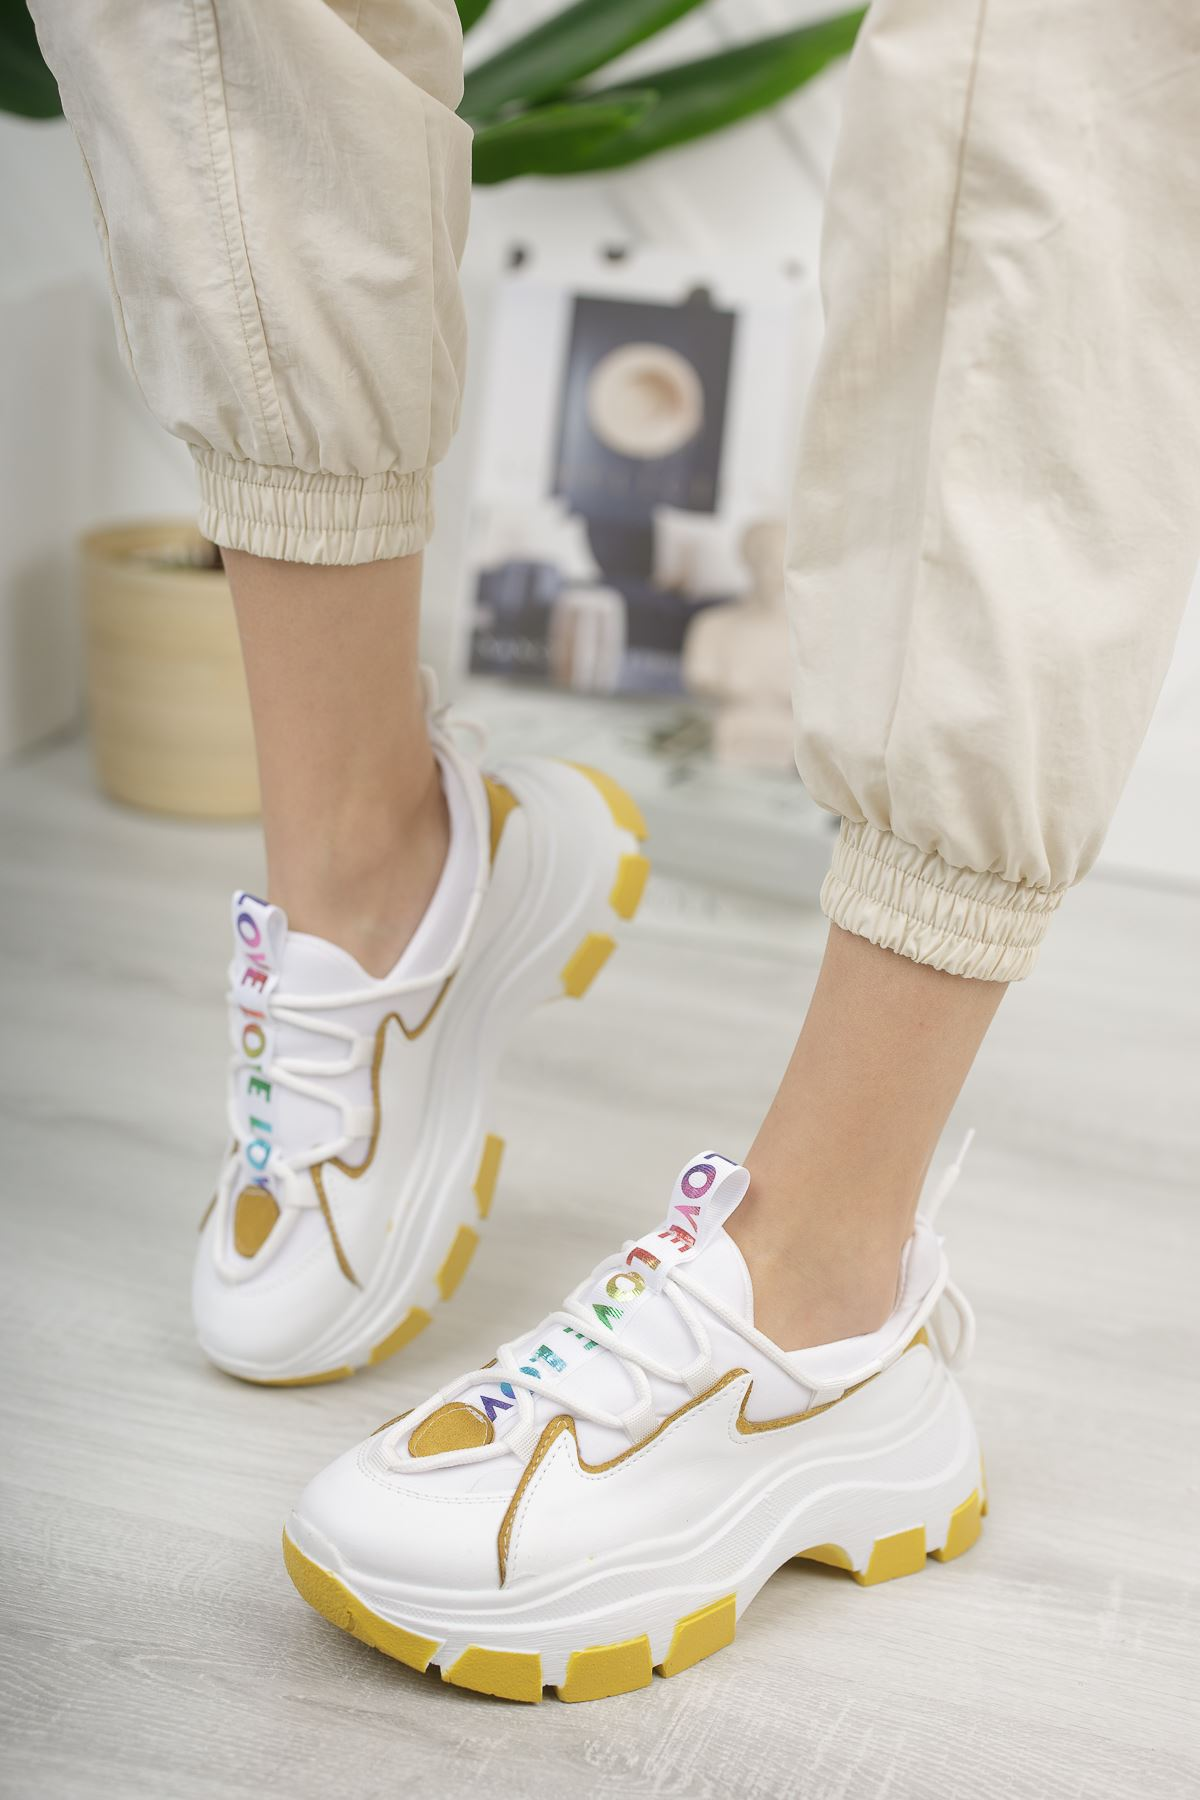 Kadın Badde Kalın Taban Beyaz Hardal Detaylı Spor Ayakkabı